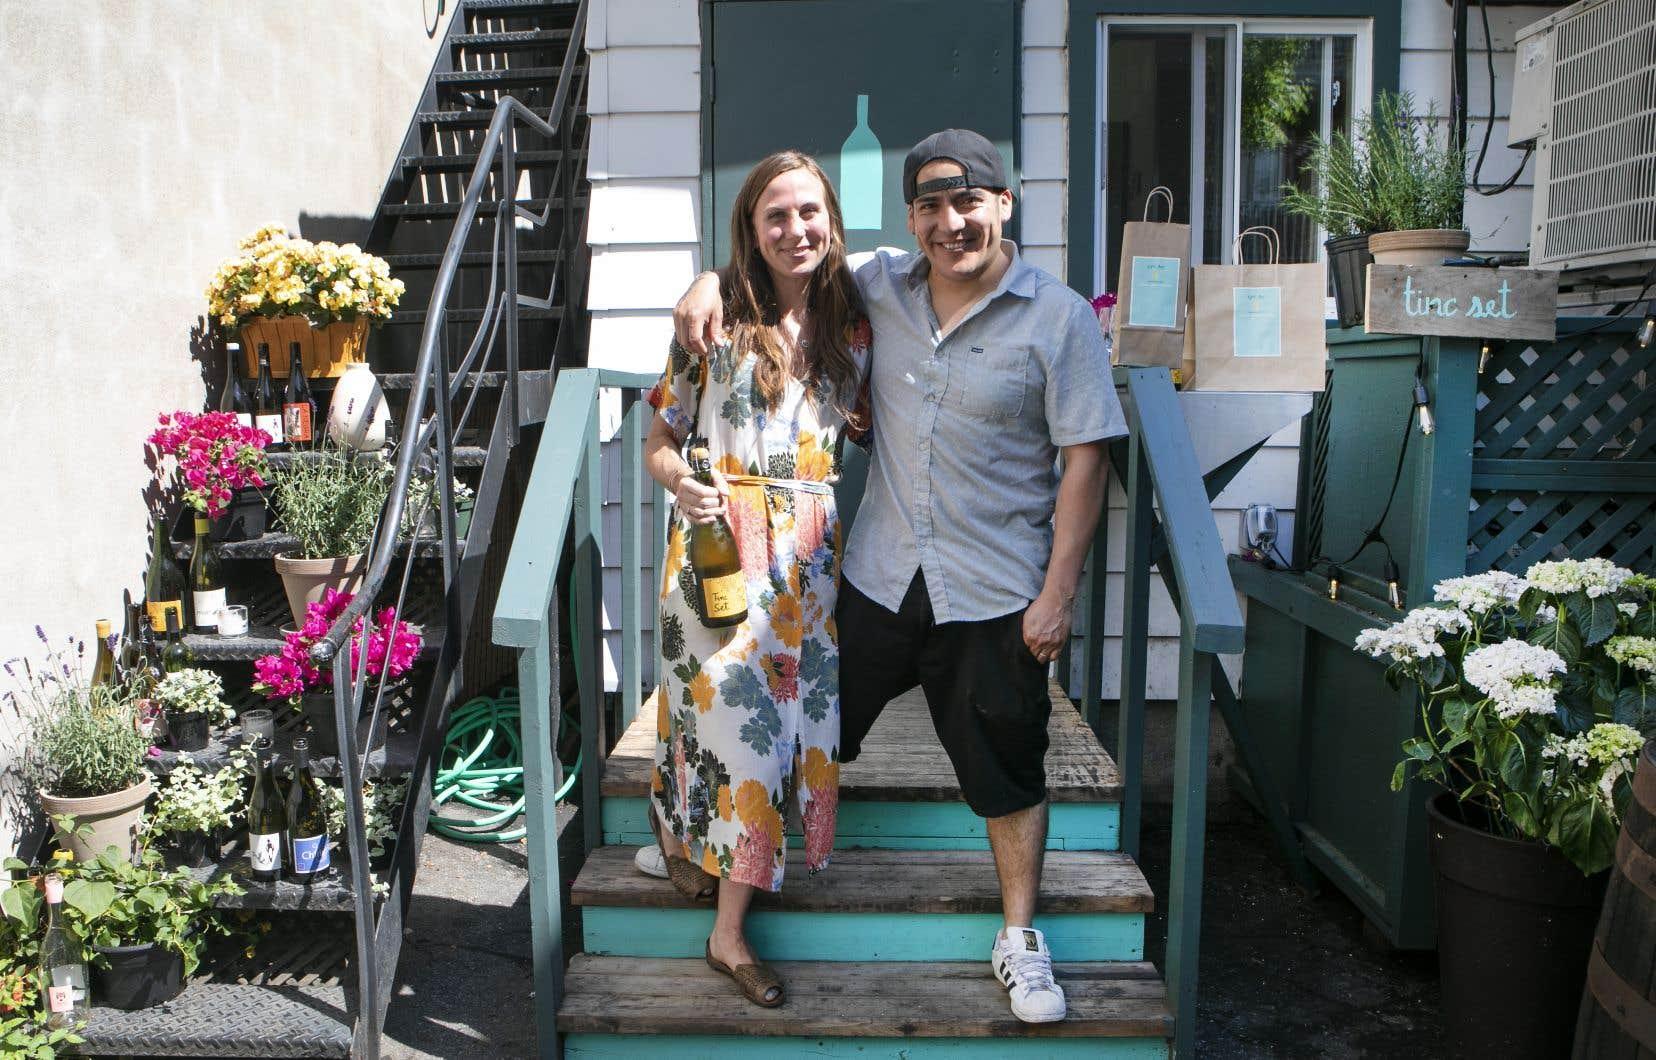 Avec son partenaire d'affaire Juan Lopez Luna, Lindsay Brennan vient d'ouvrir une petite rôtisserie, Tinc Set, accessible par une ruelle derrière le restaurant Alma.